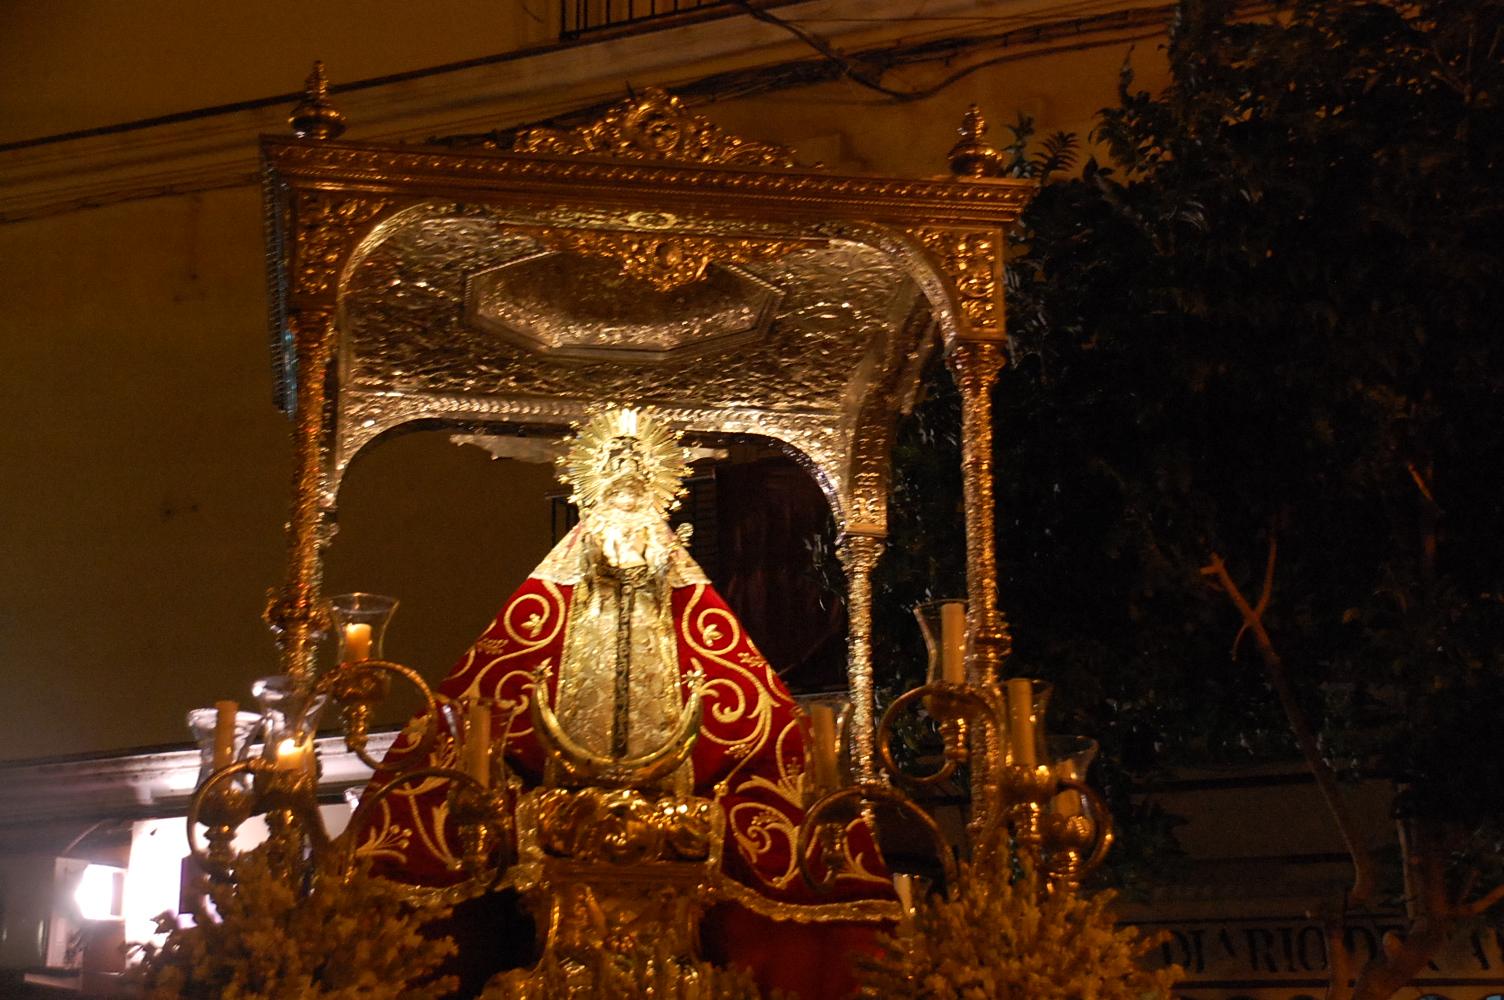 El Remedio a los Infortunios: Nuestra Señora de los Remedios, Chiclana de la Frontera, España (27 feb y 8 sept)